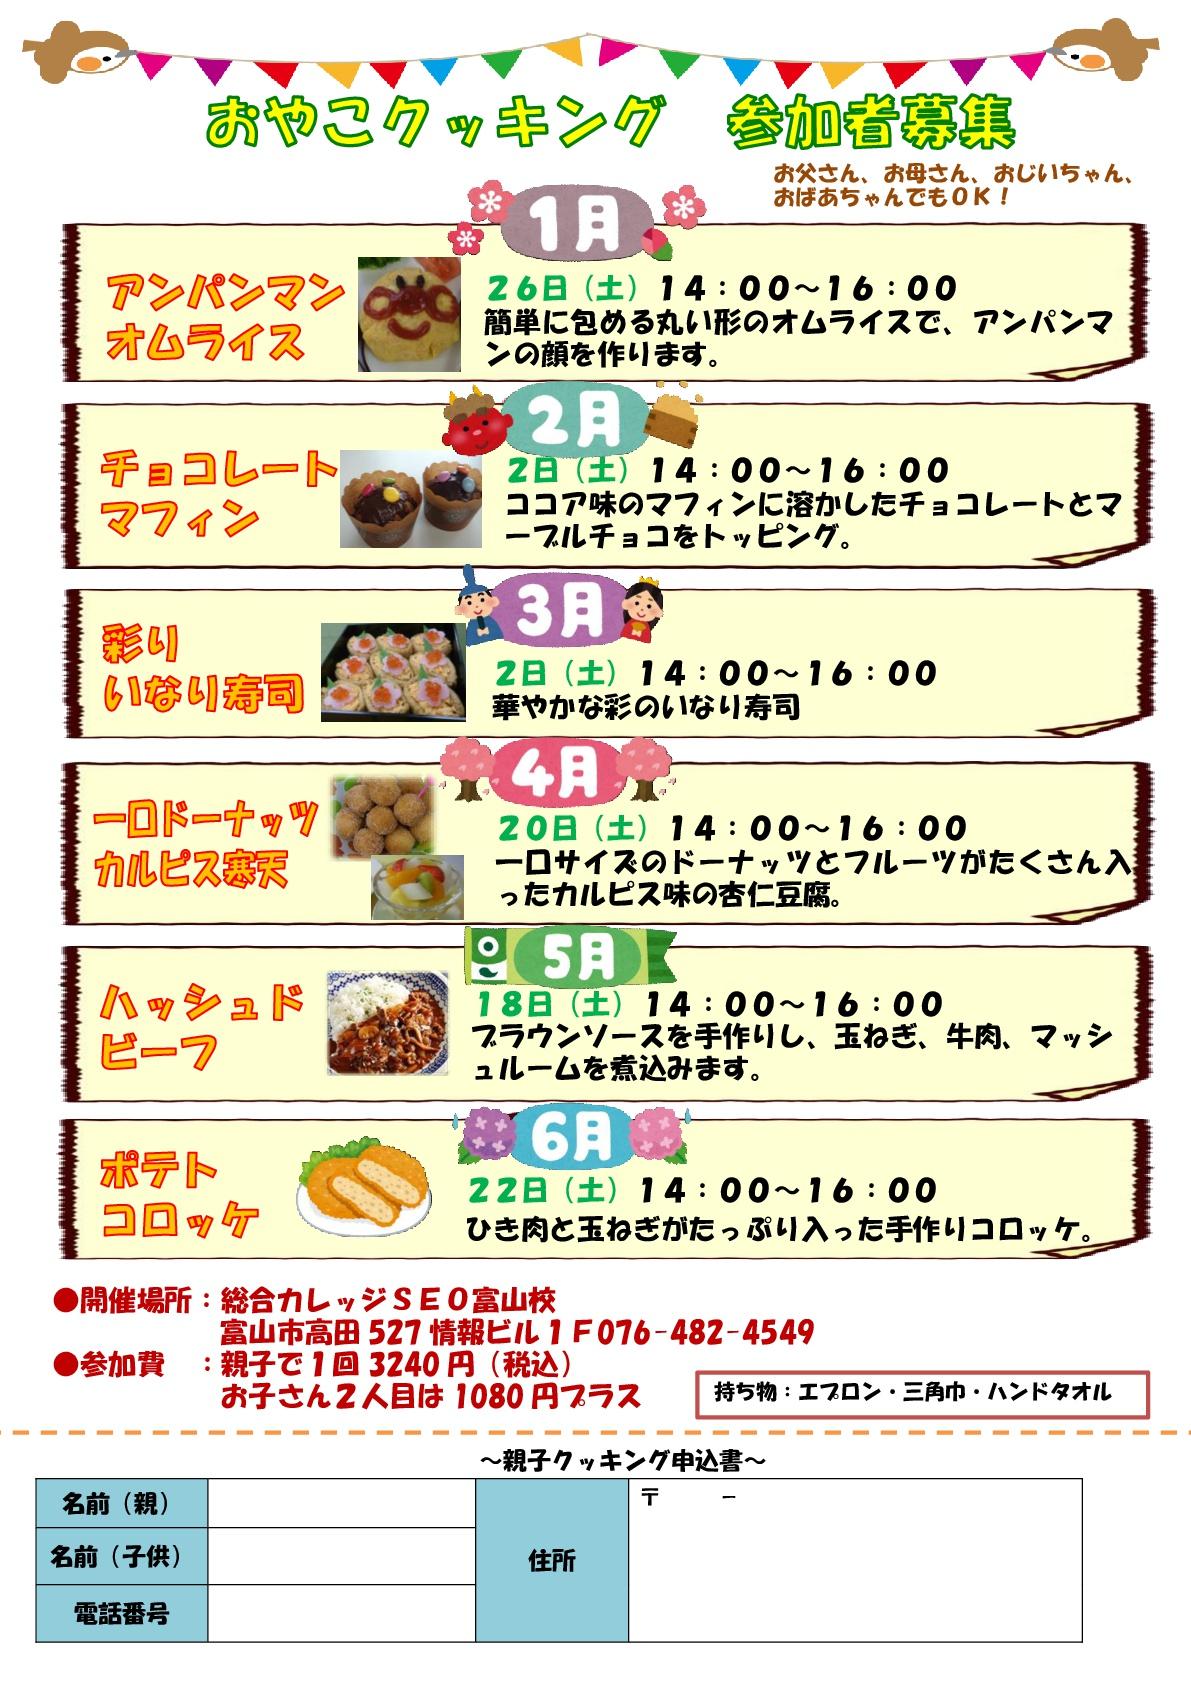 親子クッキング2019.1~6-2-copy-1-001